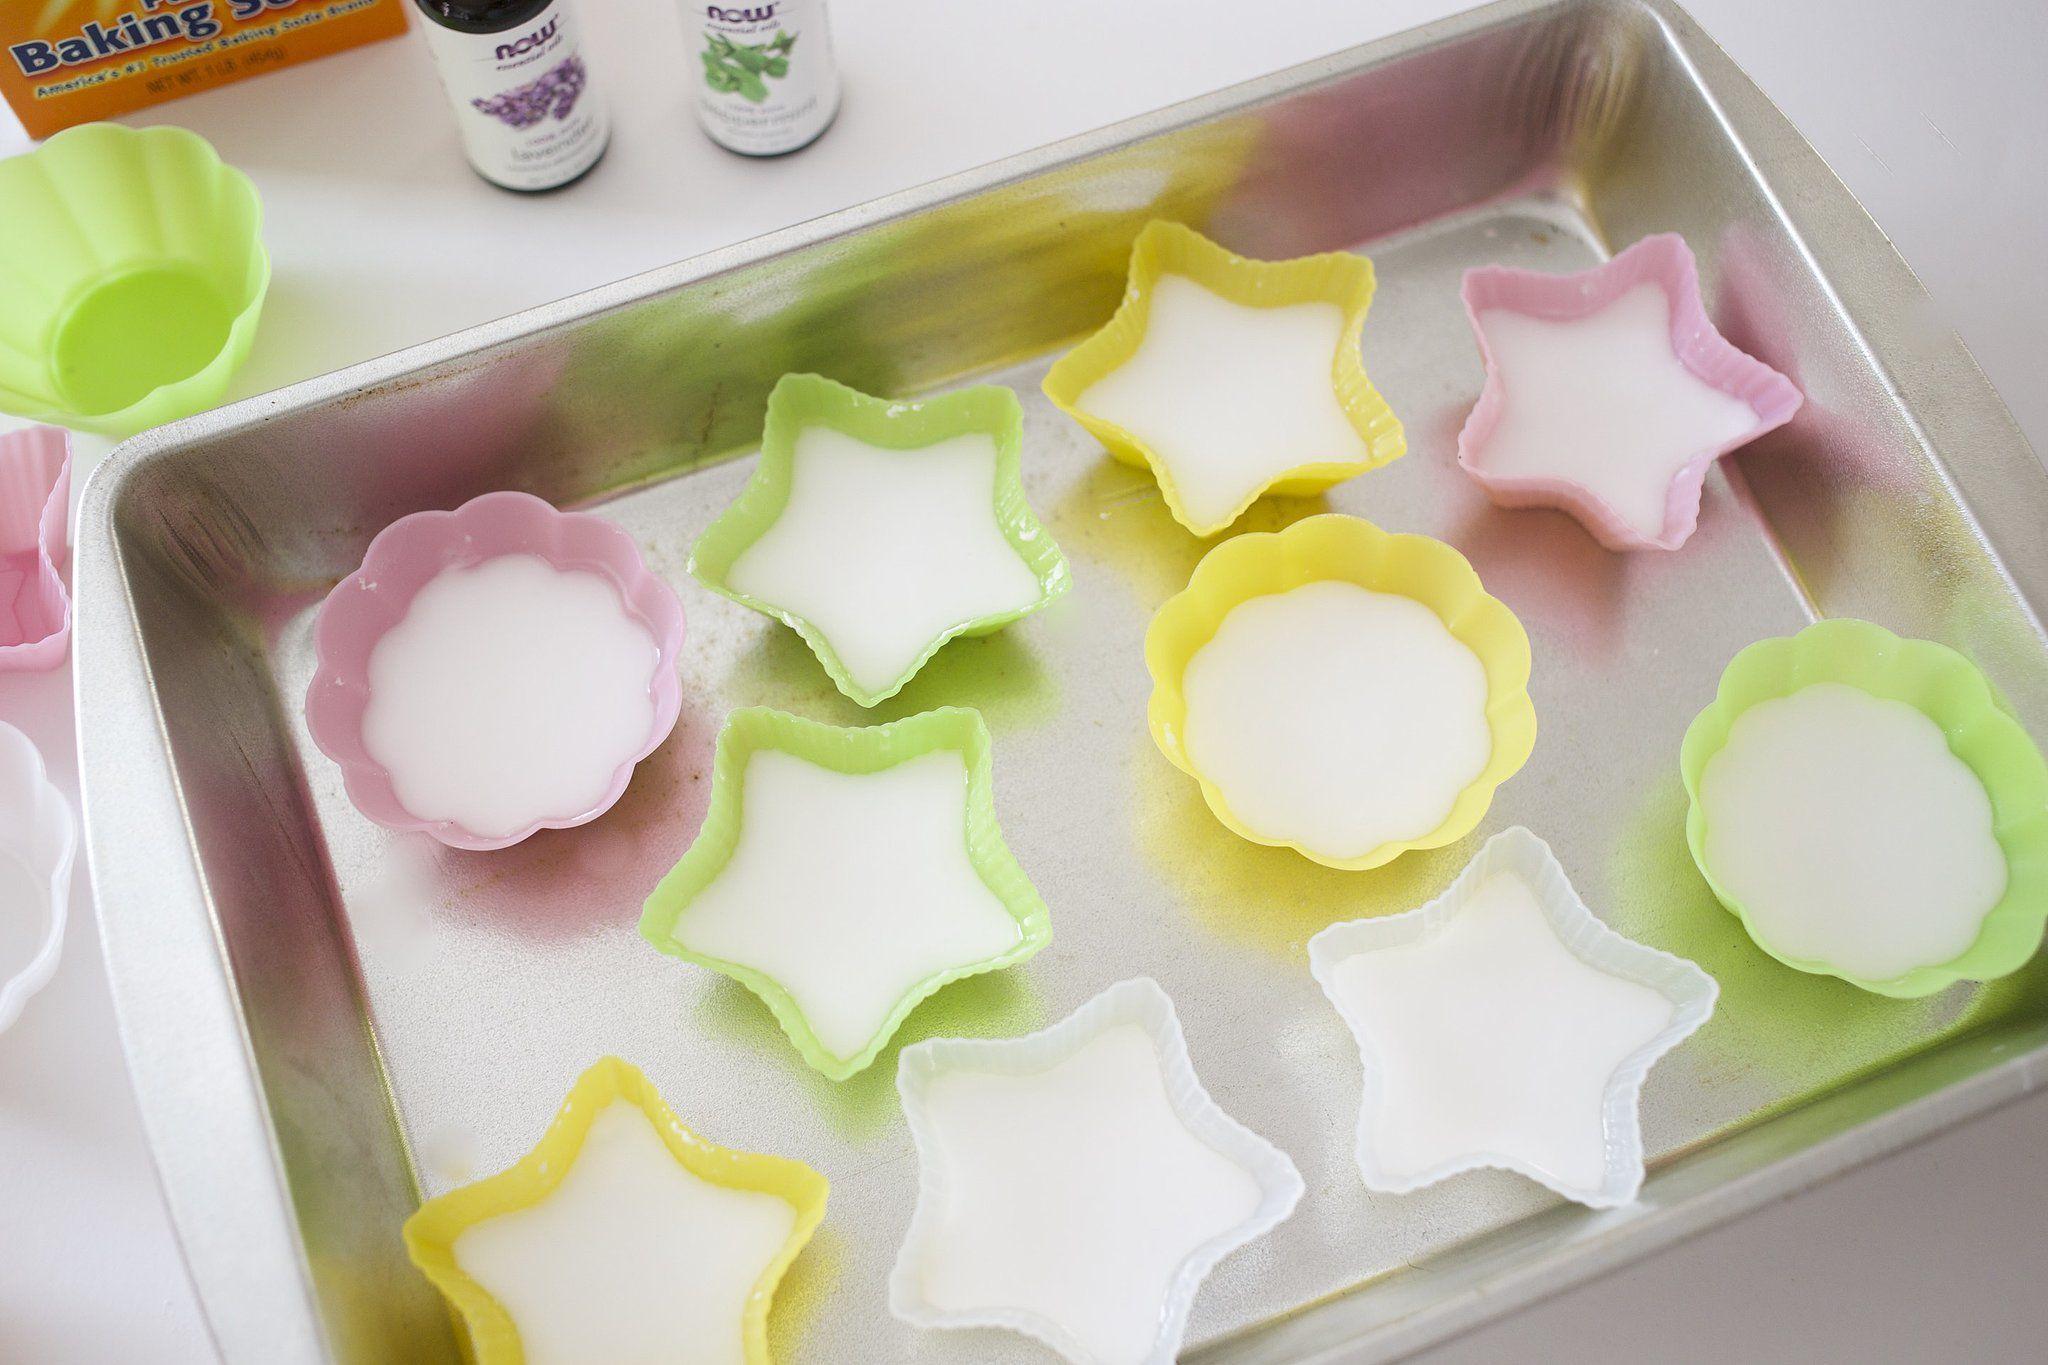 diy gifts holiday душ relax handmade хэндмейд hand